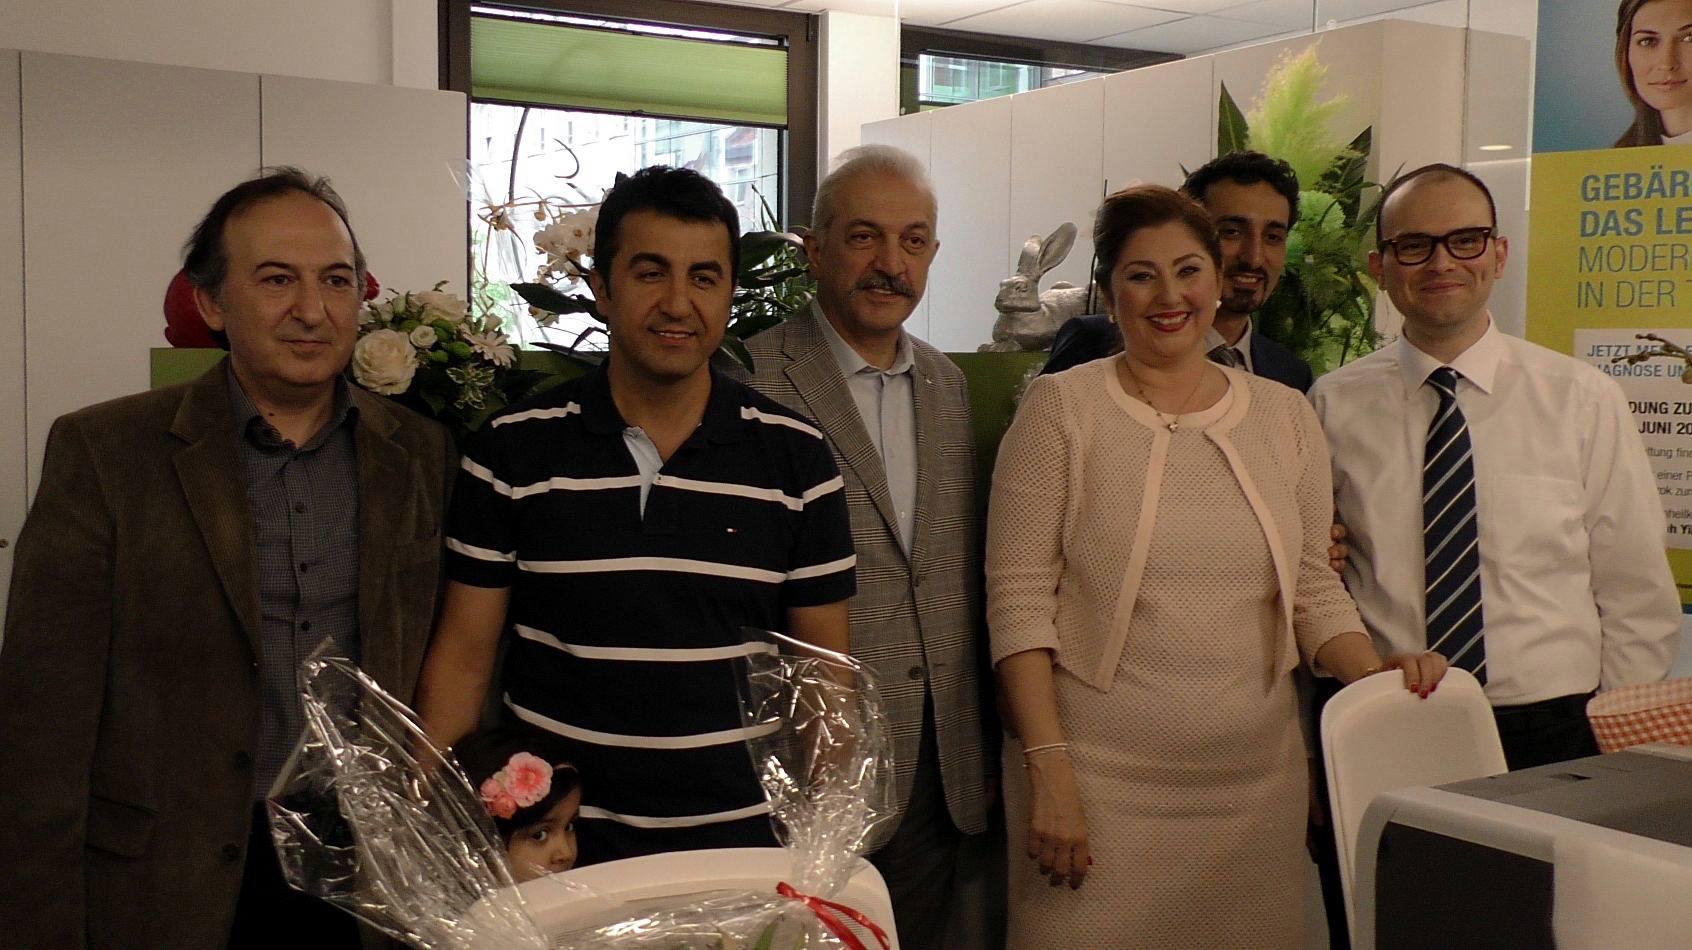 Dr. Neslisah Yilmaz-Terzioglu yeni muayenehanesini açtı